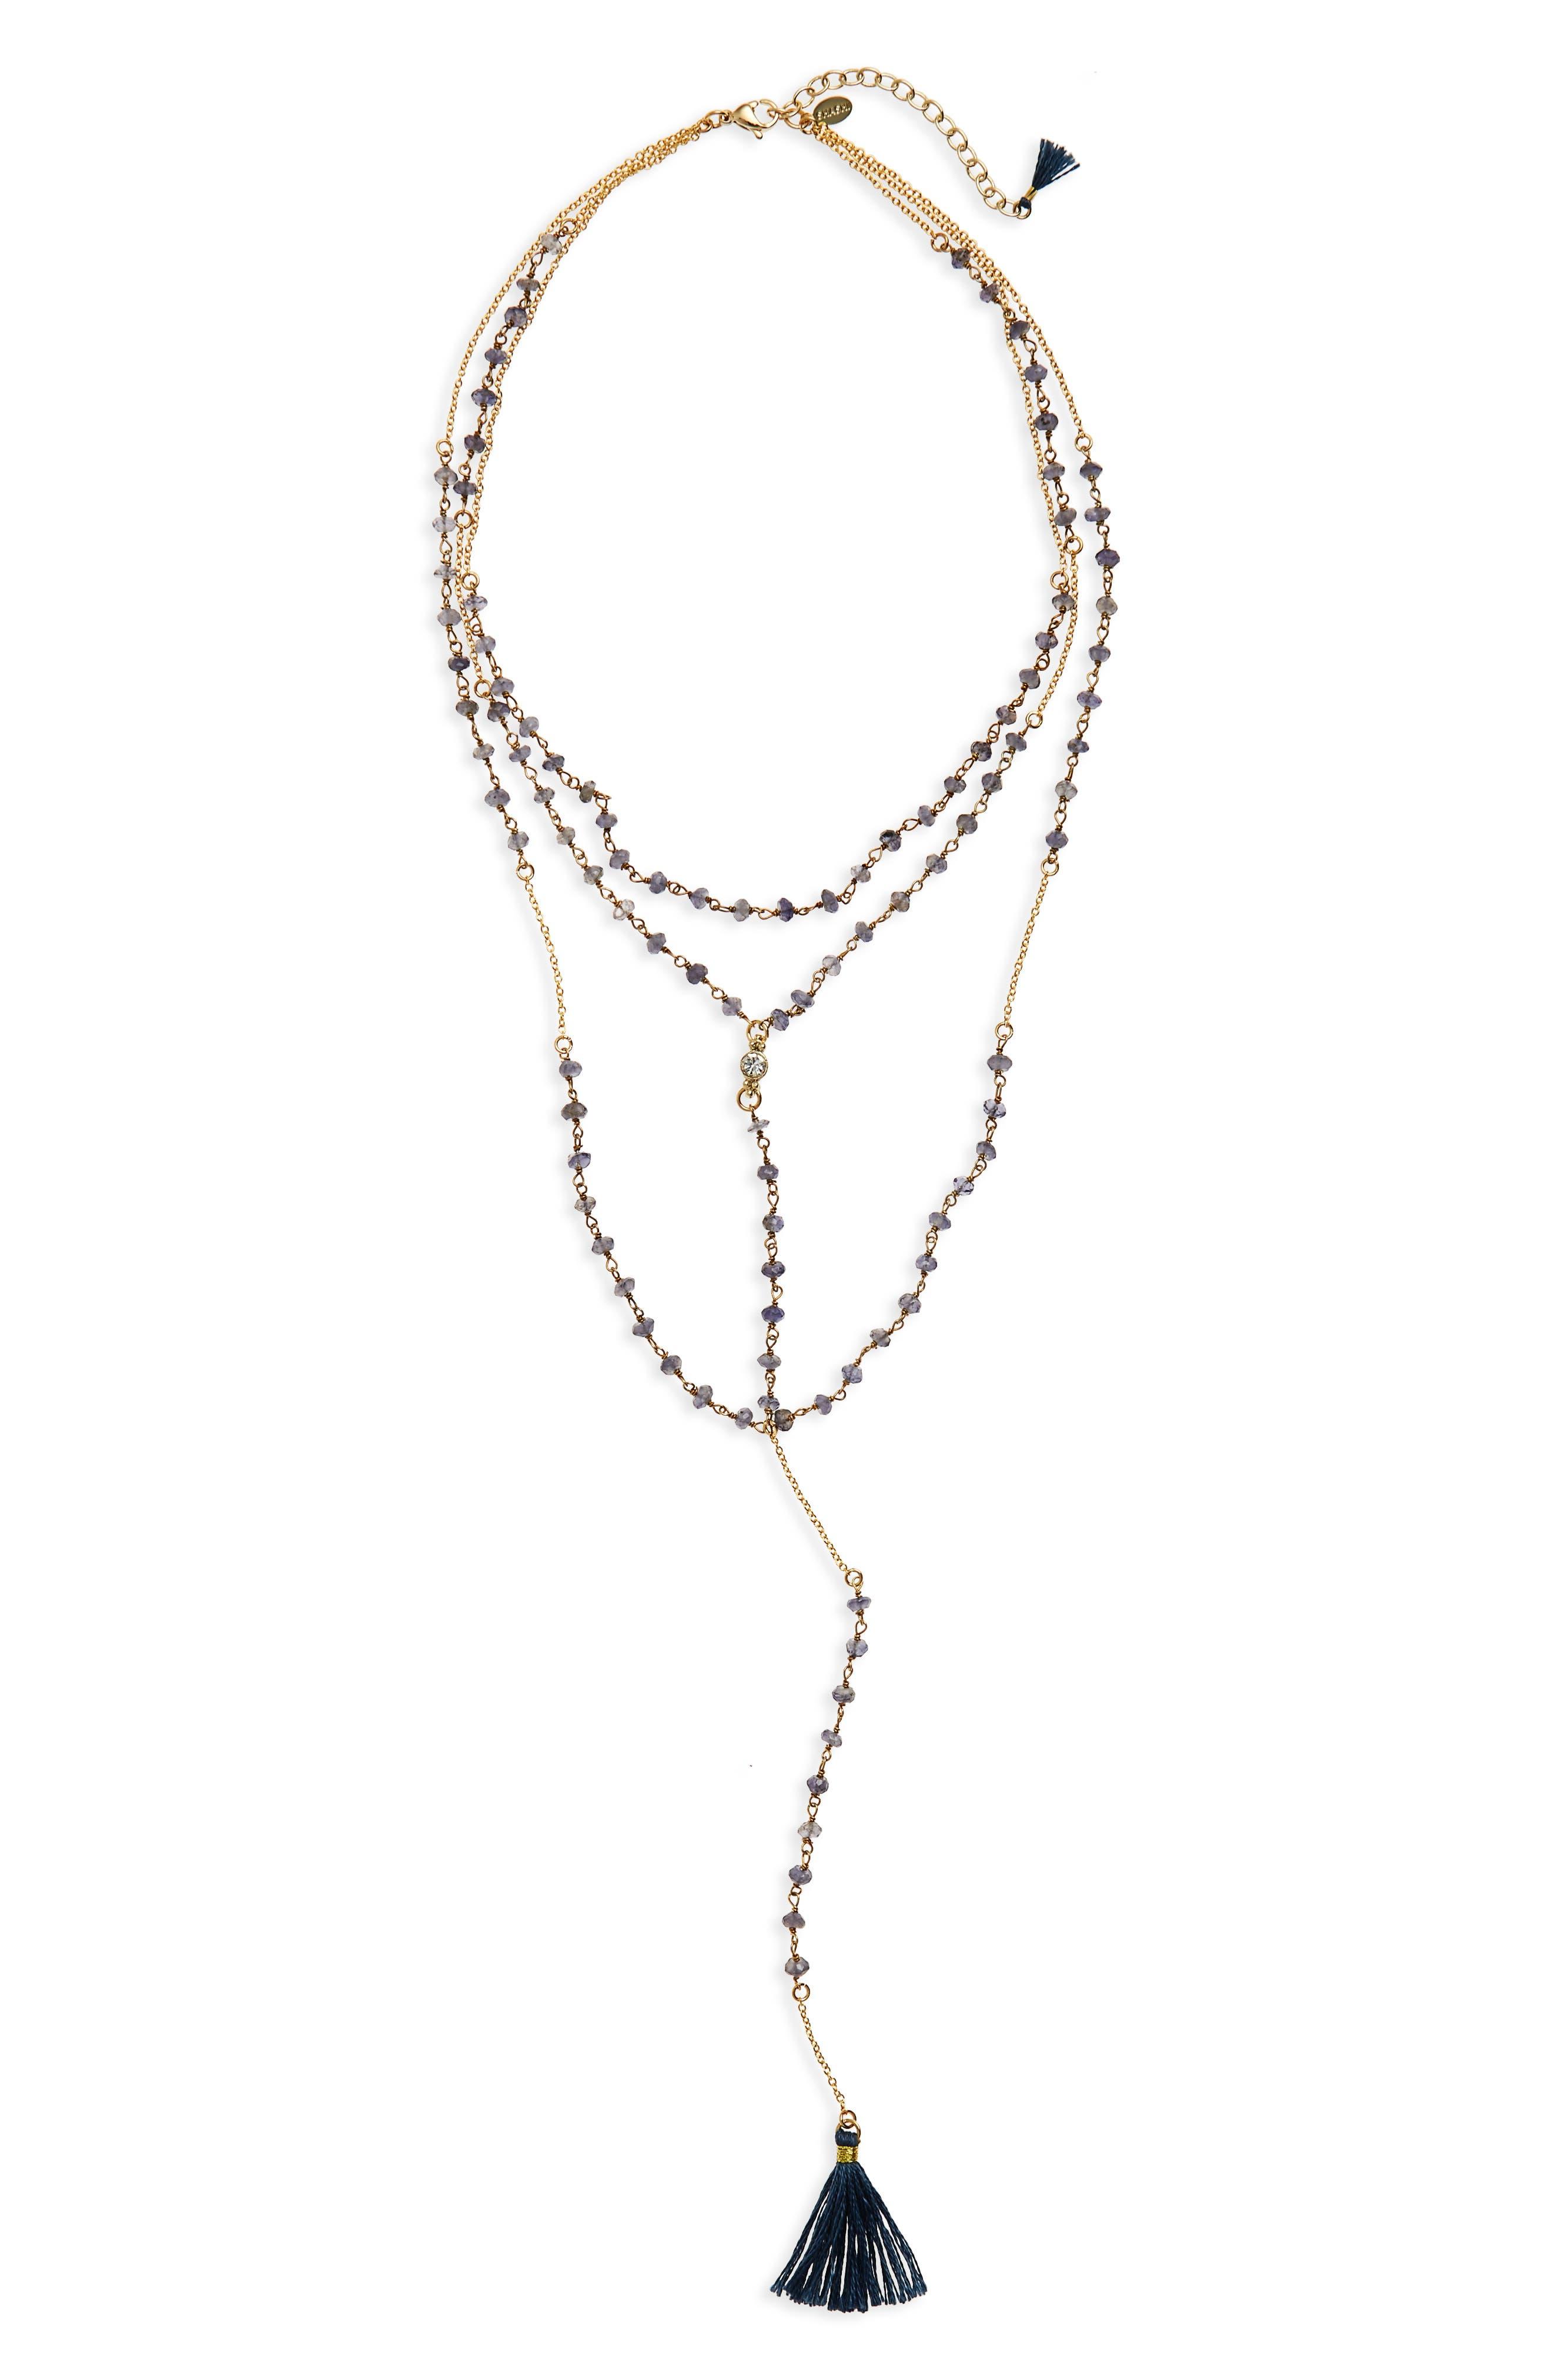 Main Image - Shashi Enne Layered Lariat Necklace